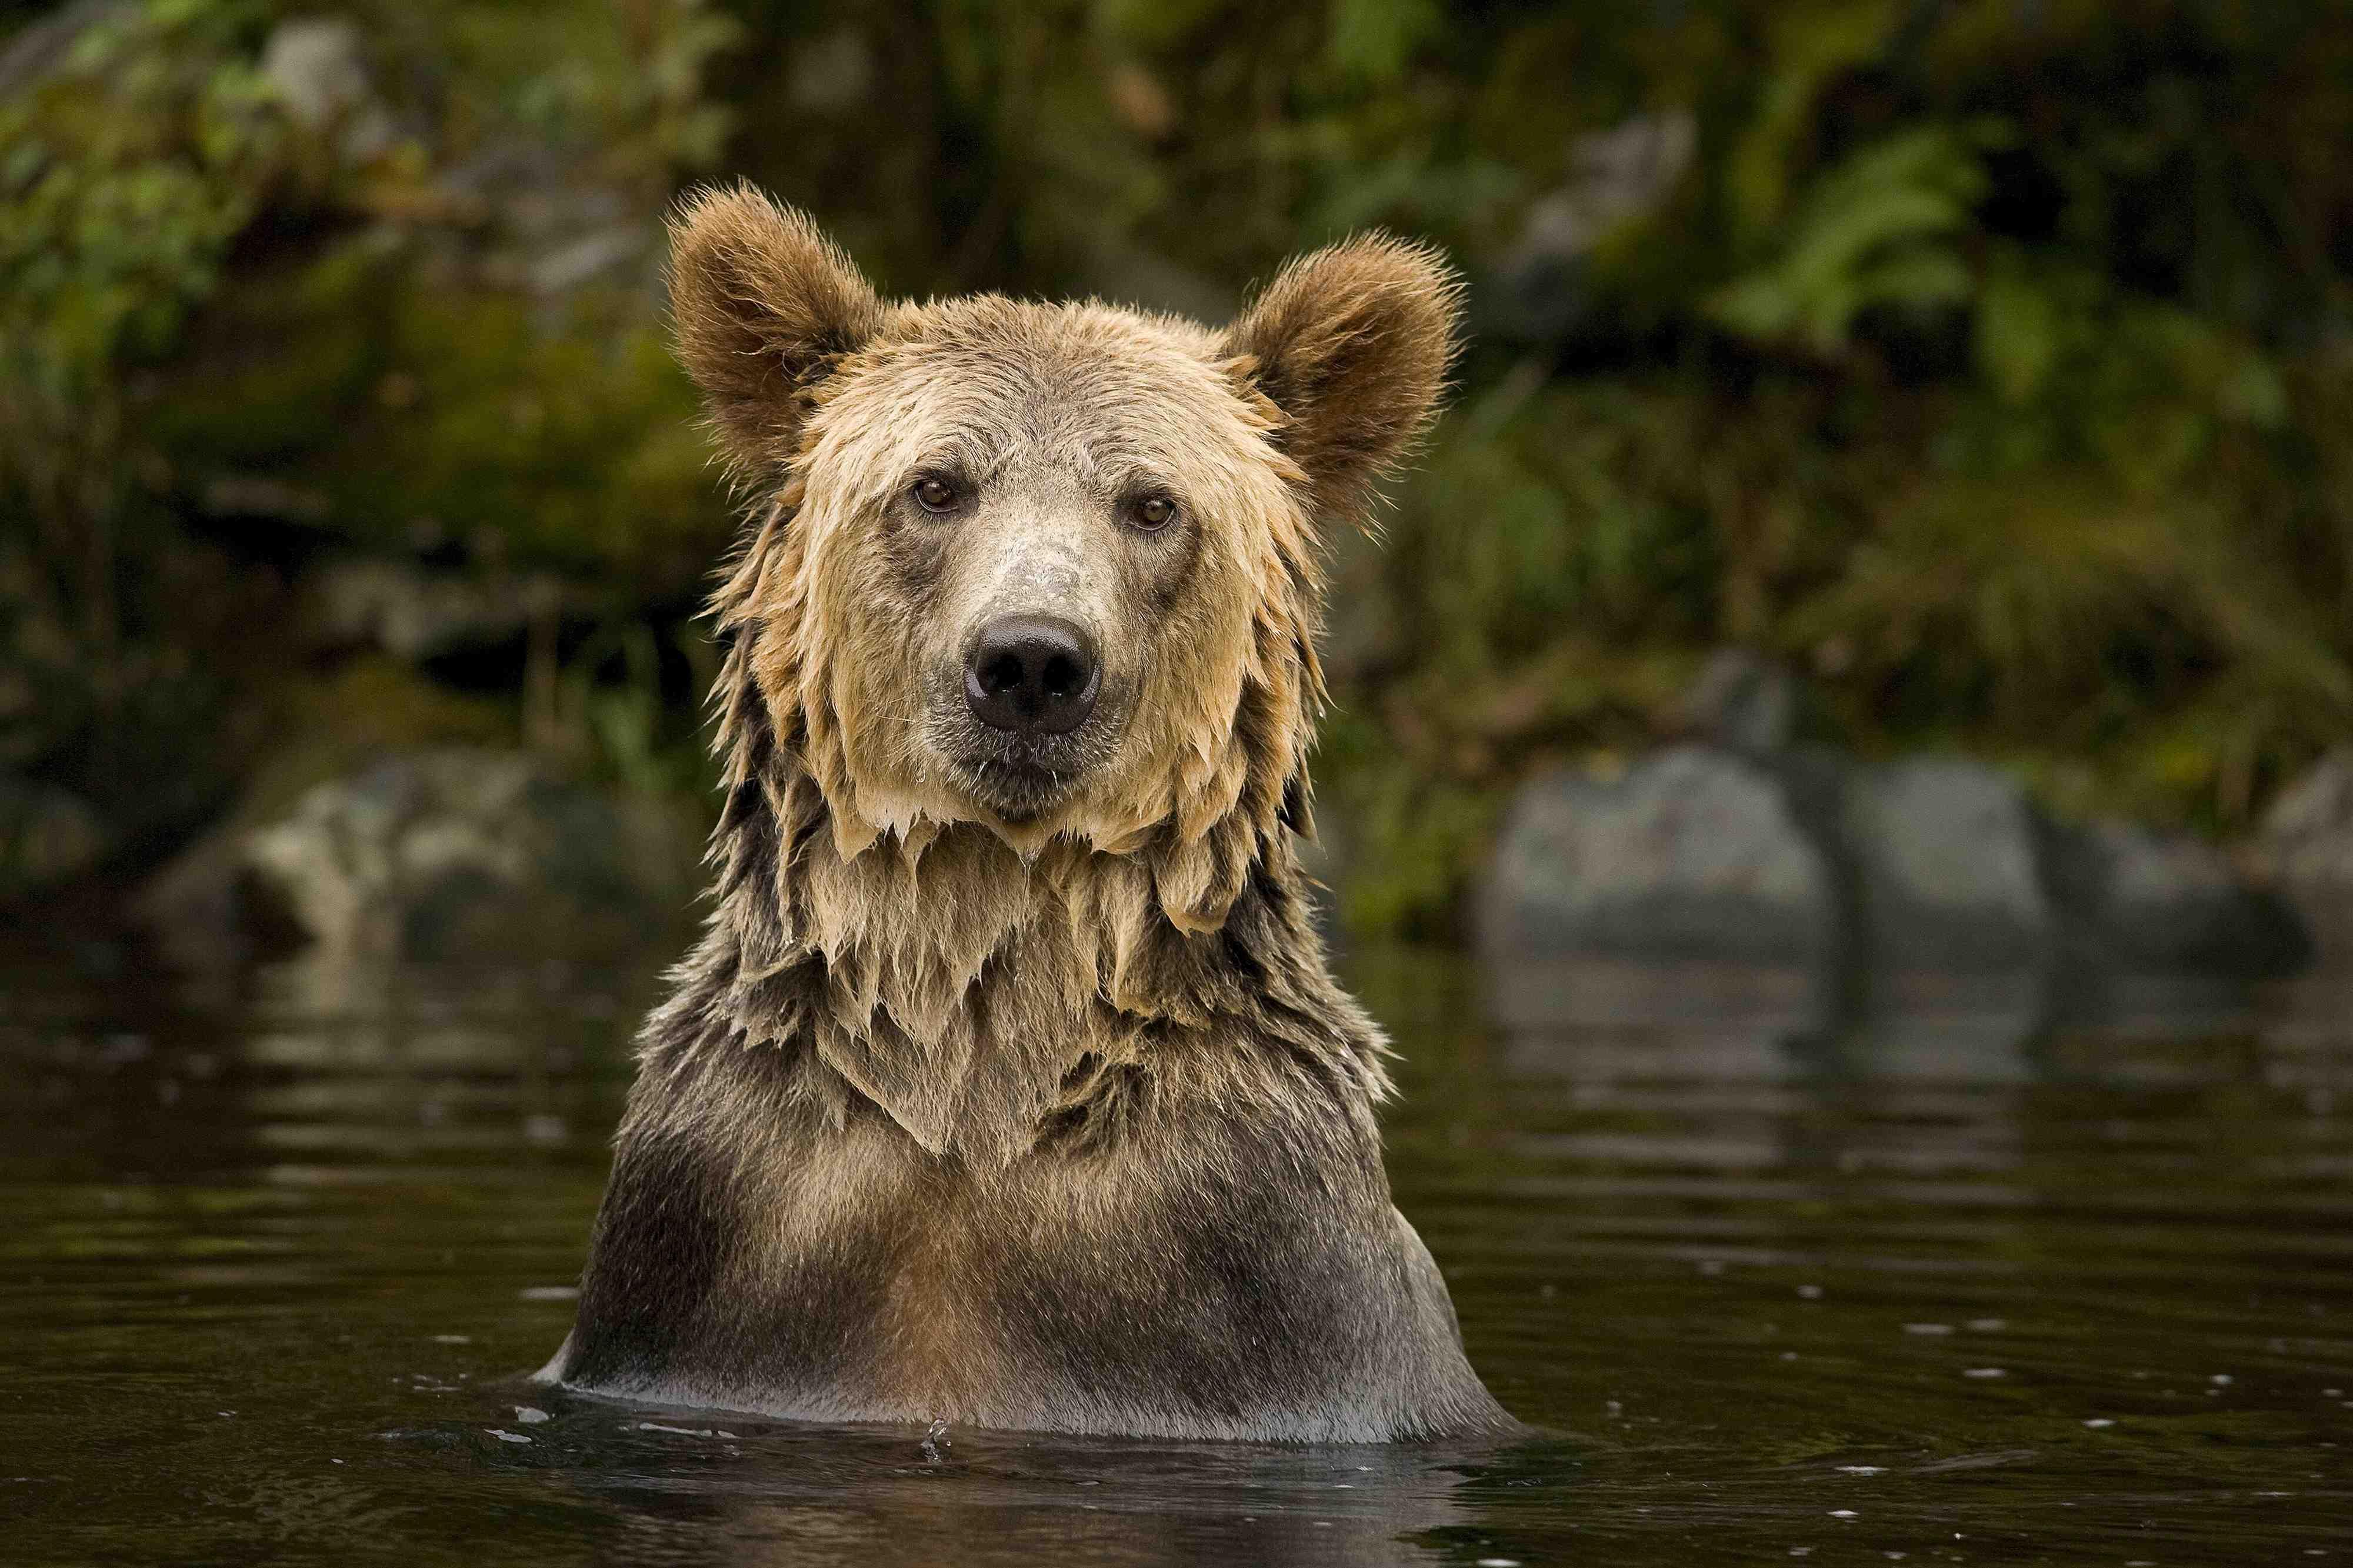 Wildlife Photography Exhibit